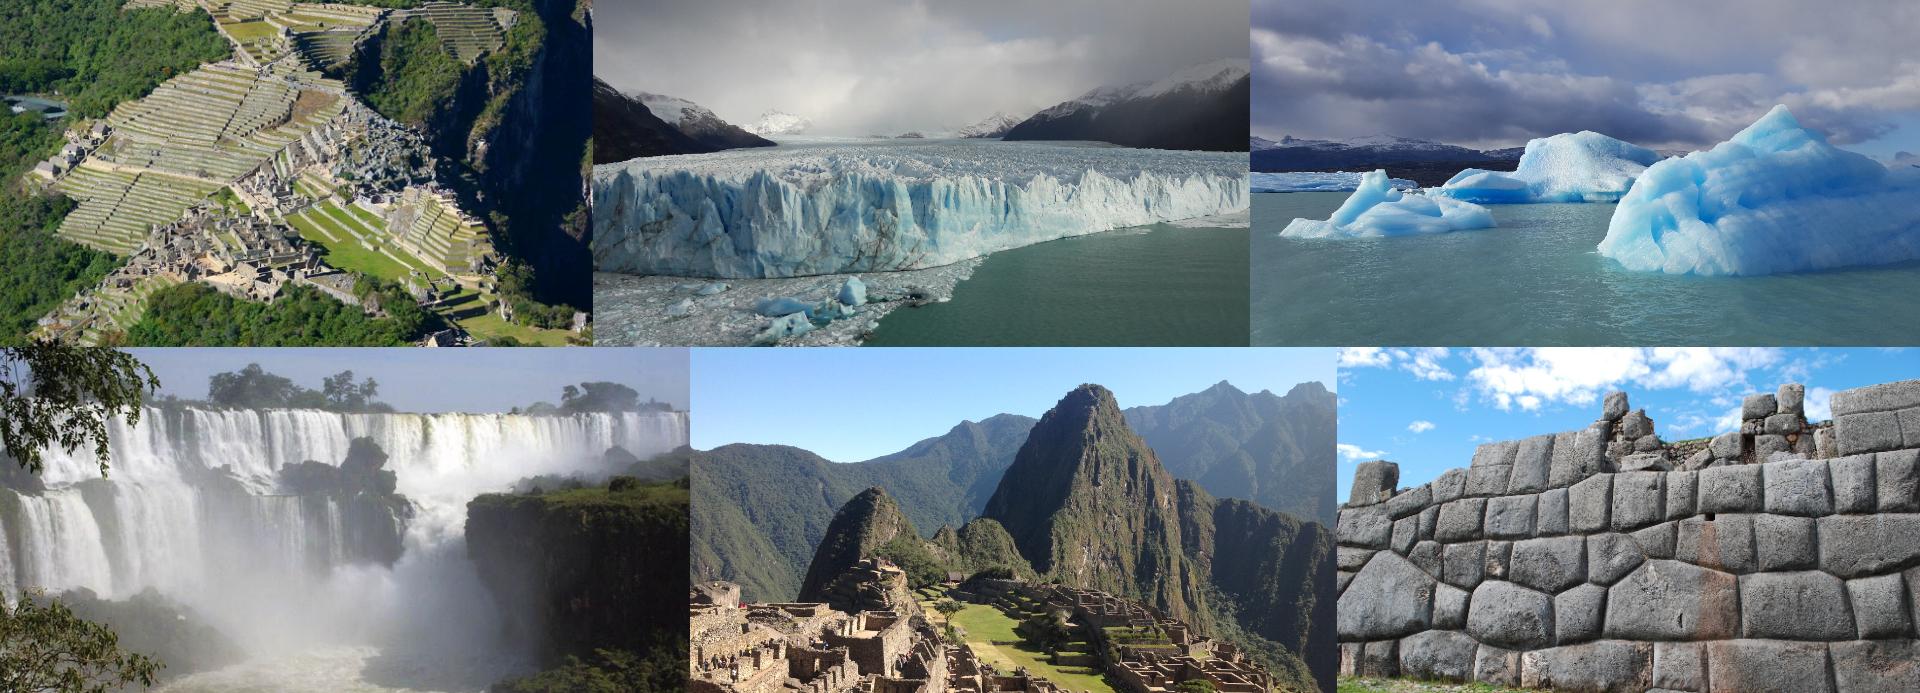 Culturandes Travel